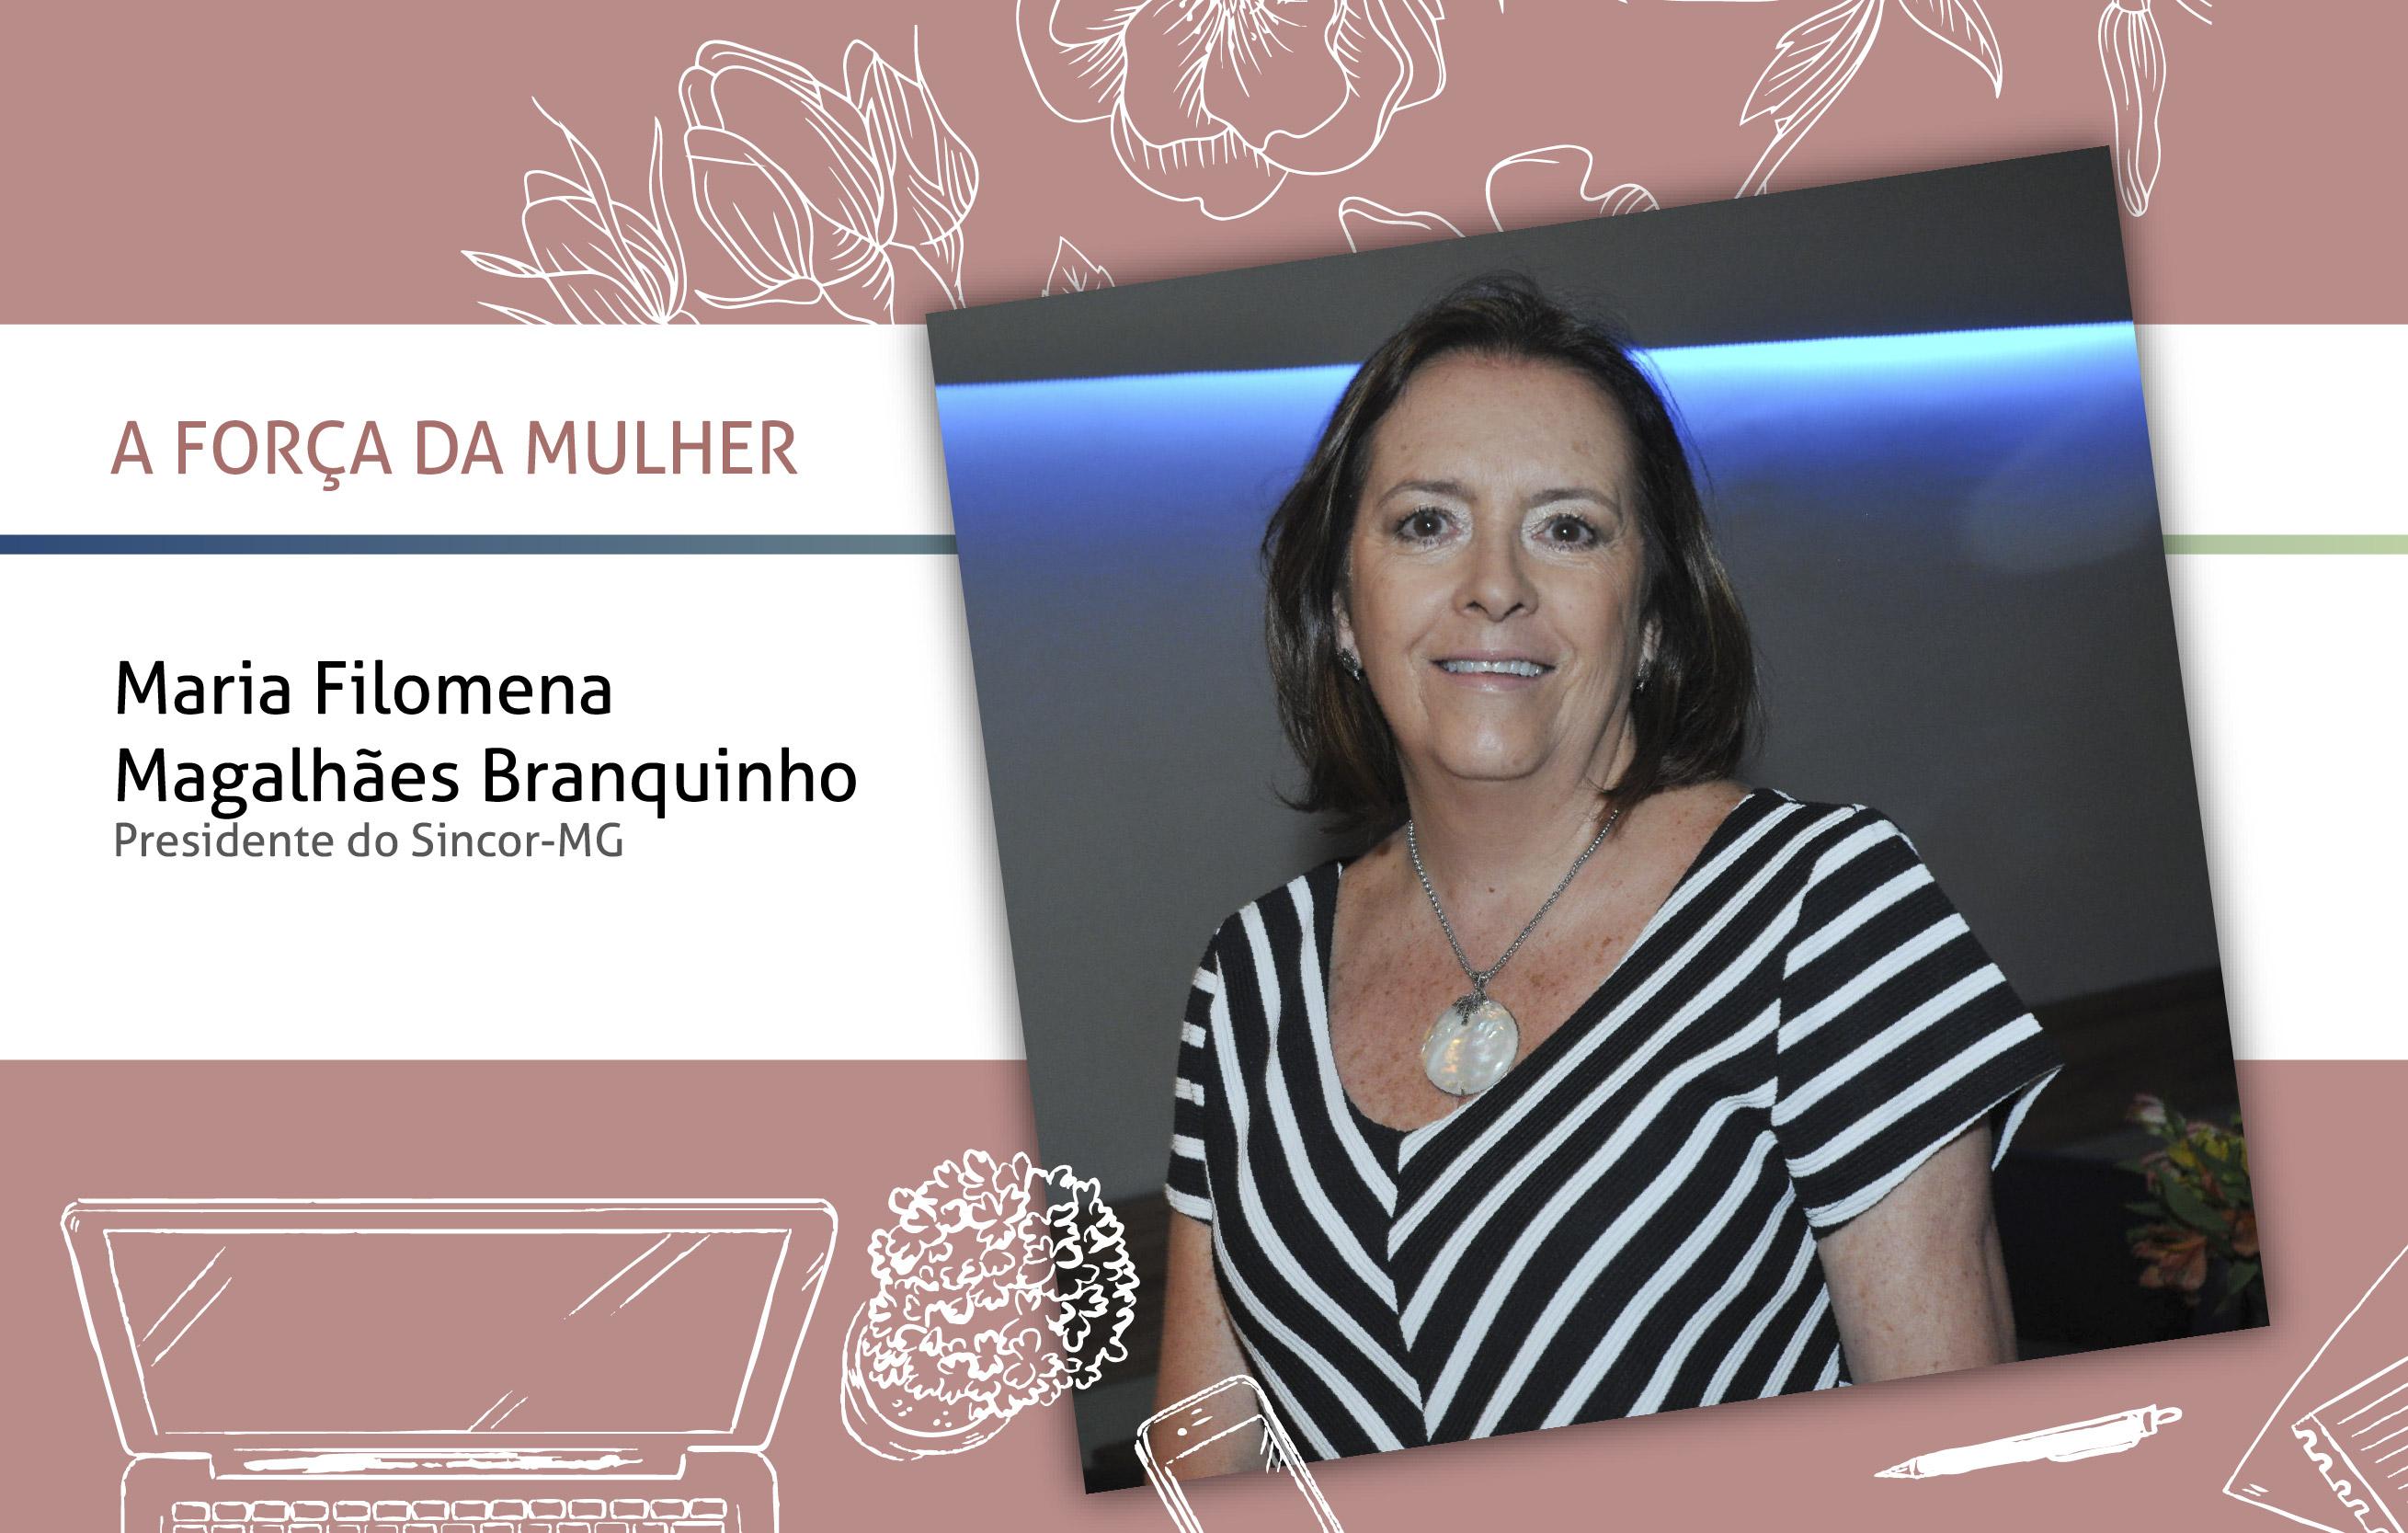 Imagens site_DMulher-Filomena